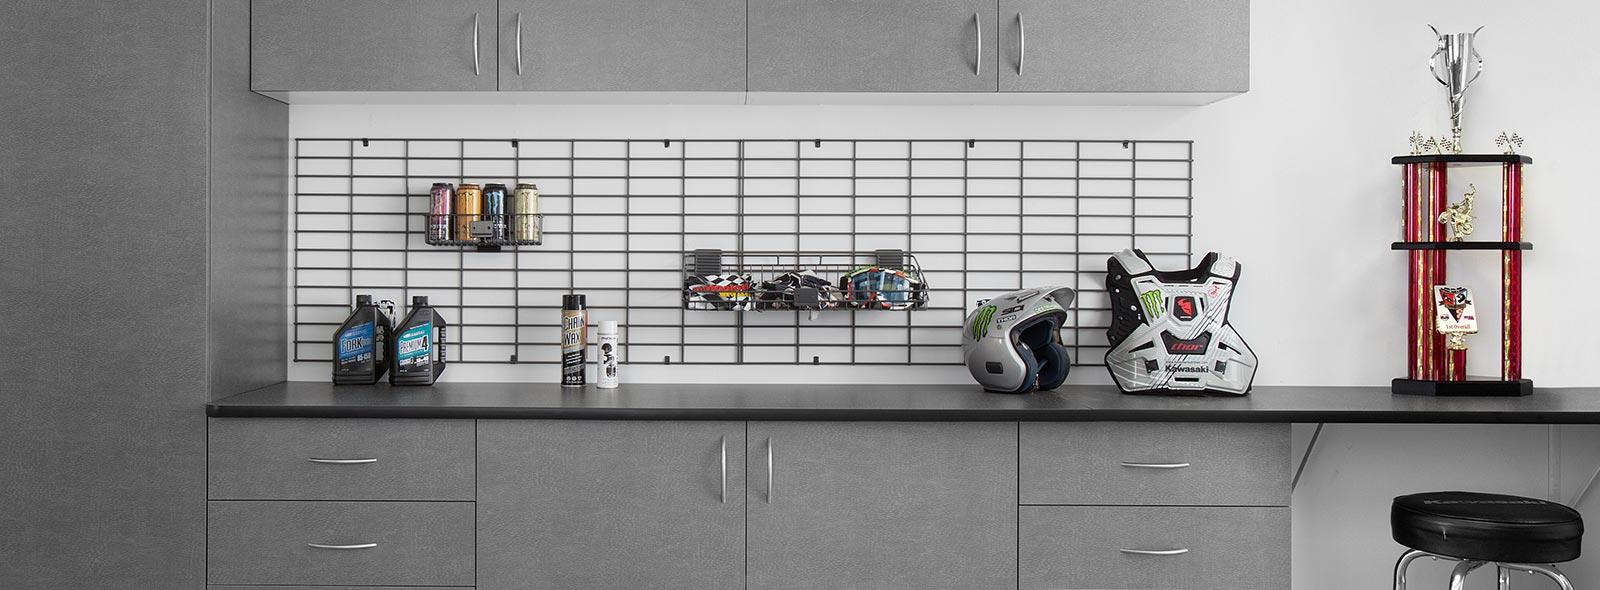 Garage Organizers Slatwall Gridwall Wall Shelves